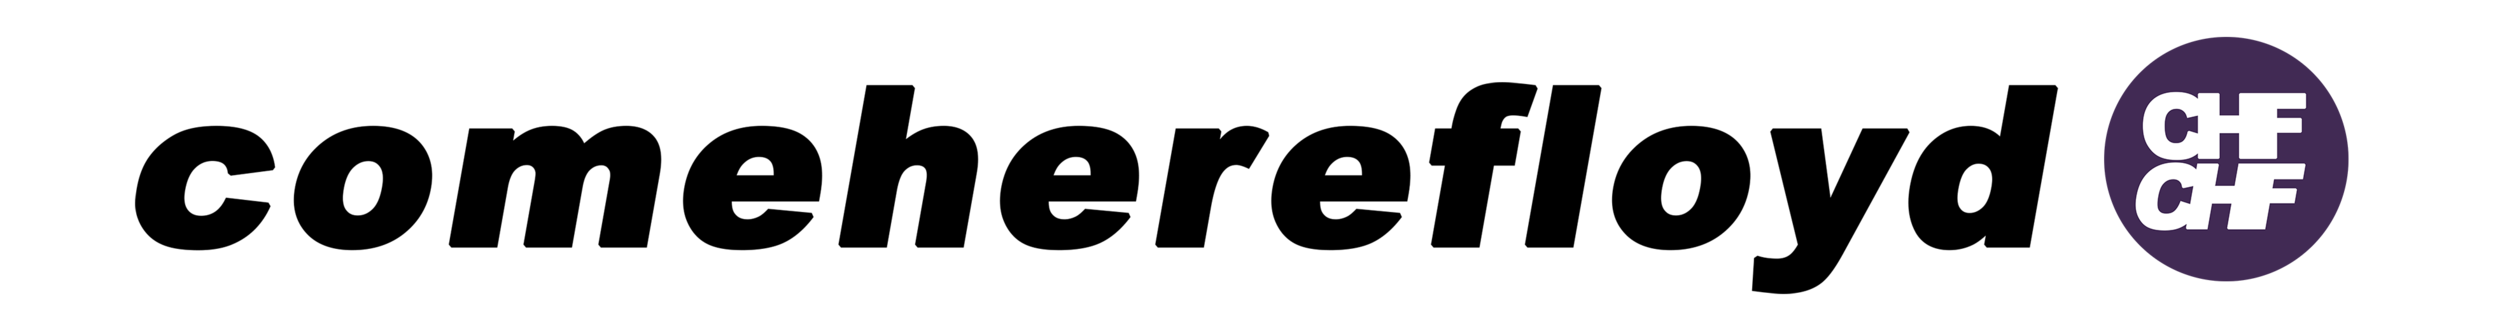 chf-comeherefloyd-w-circle-logo-x4000.png